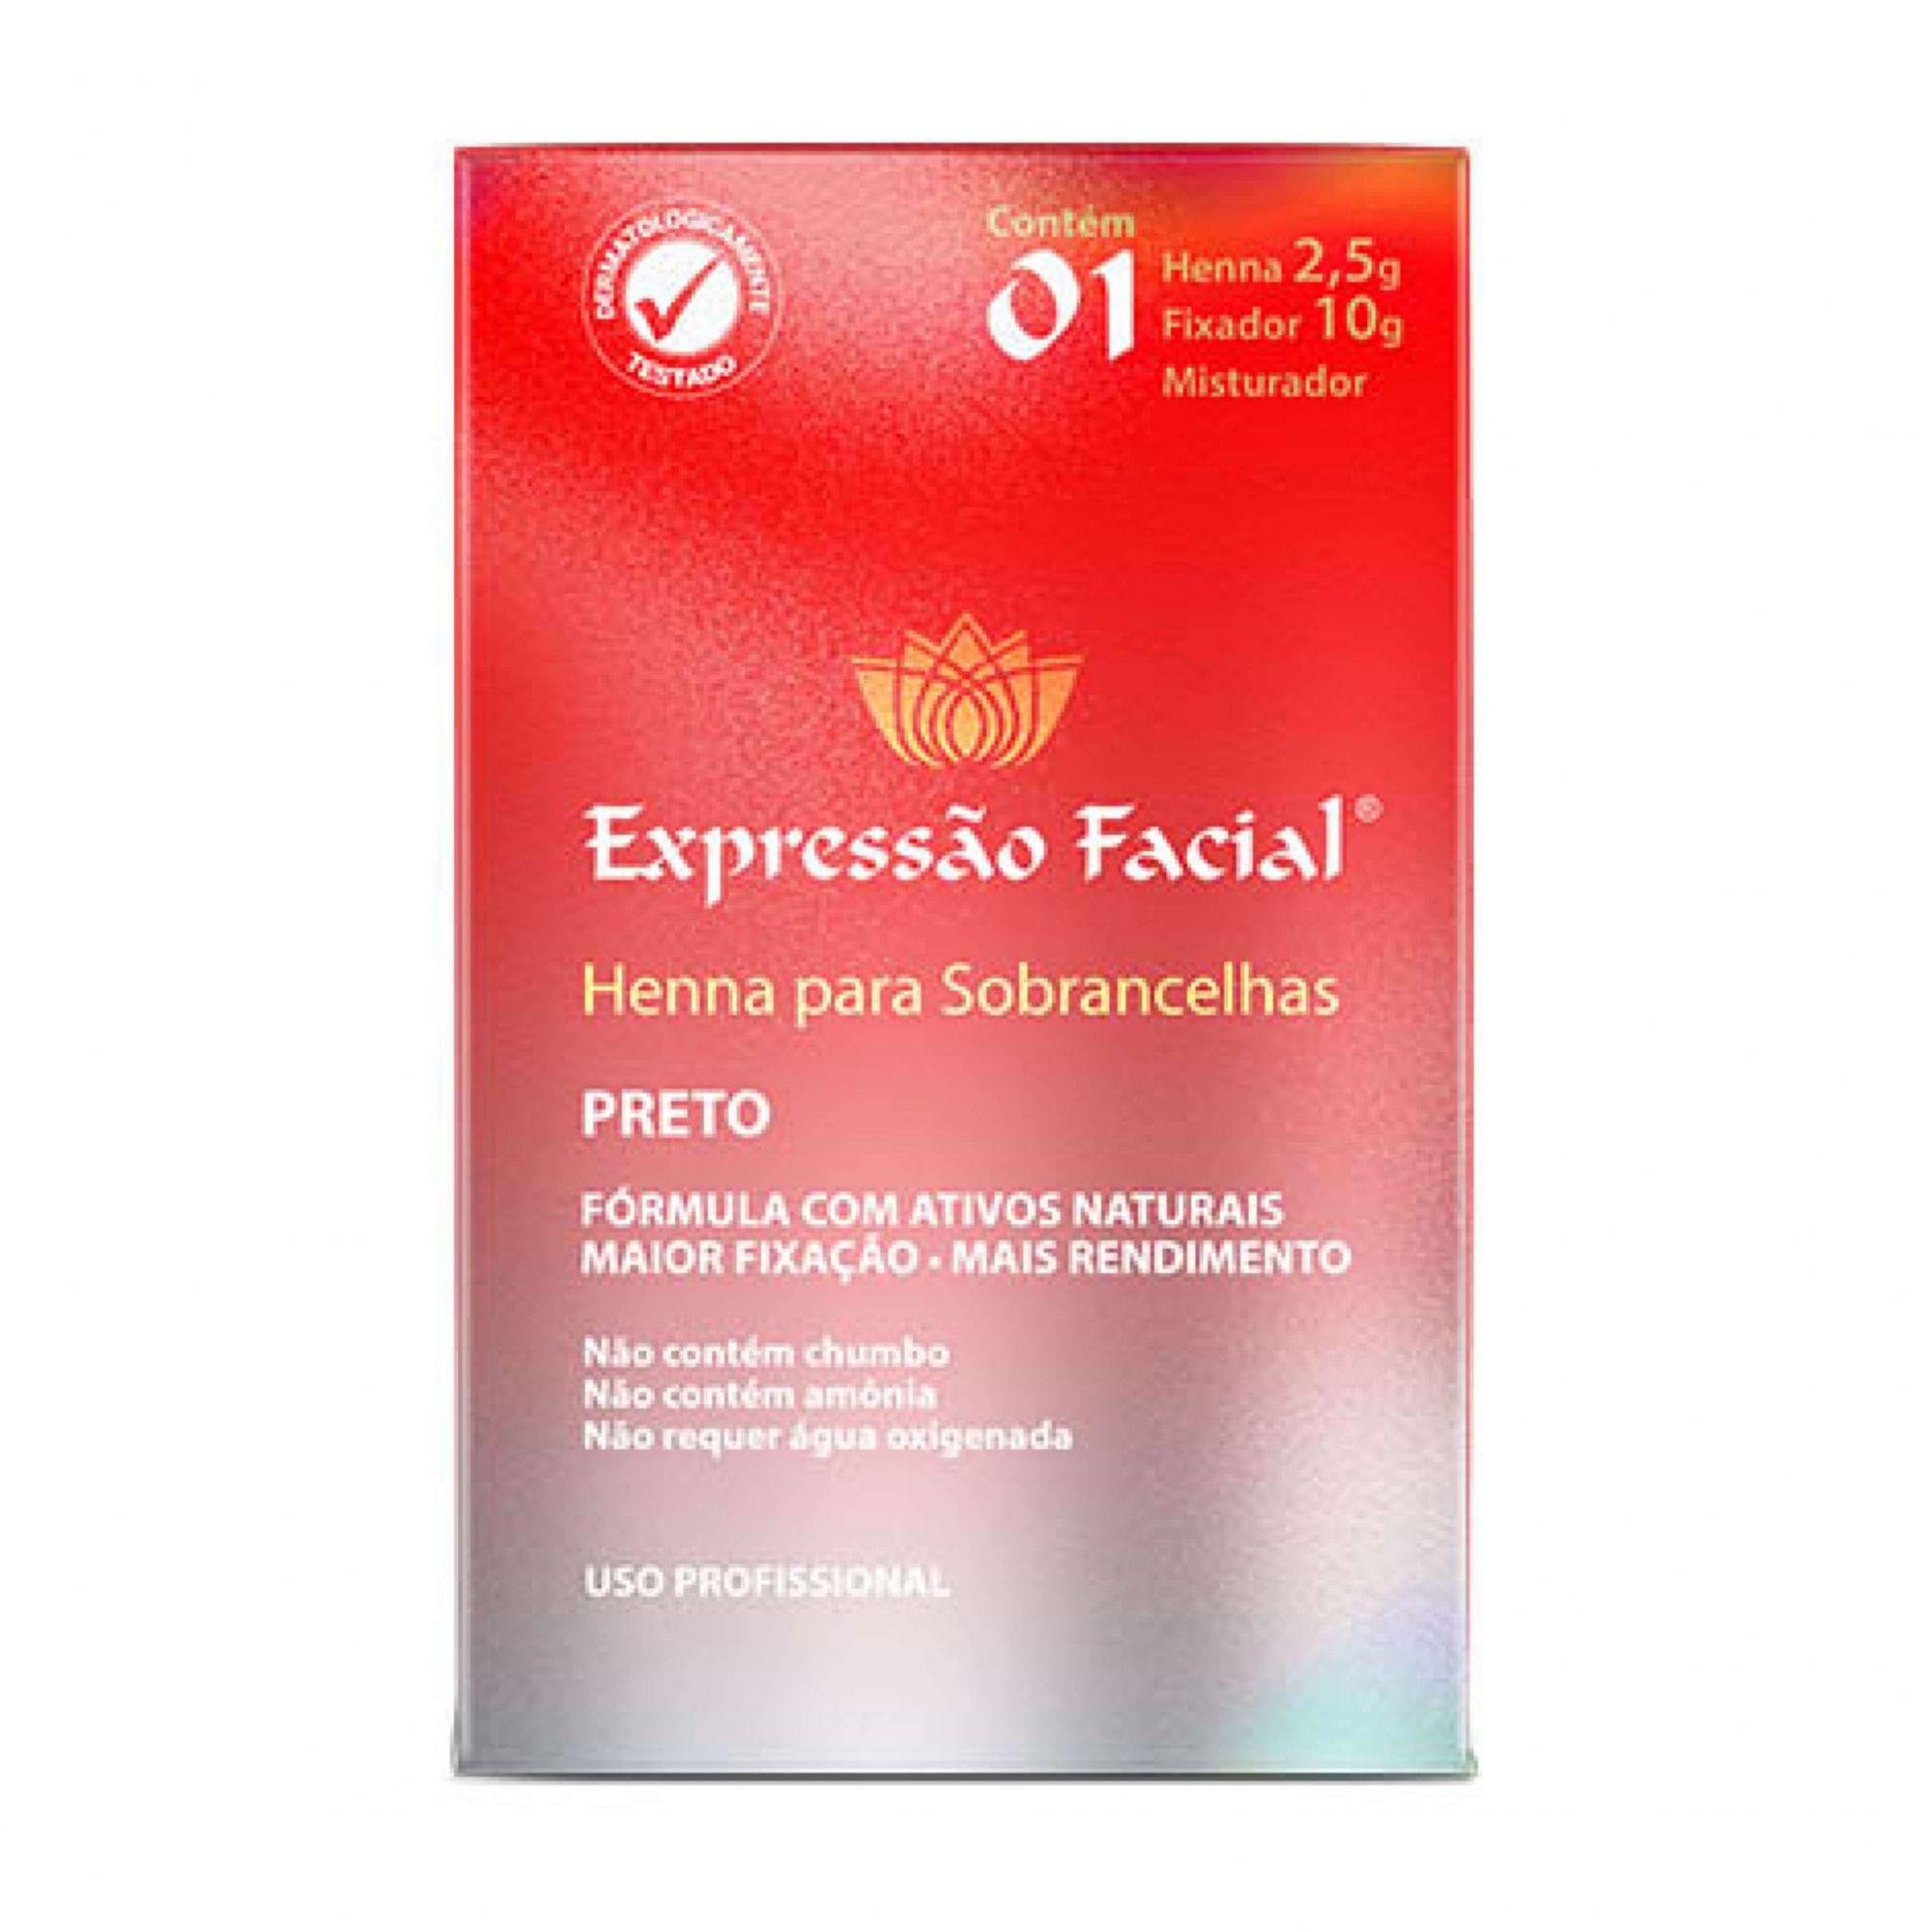 Henna para Sobrancelha Preto 2,5g + Fixador 10g Expressão Facial